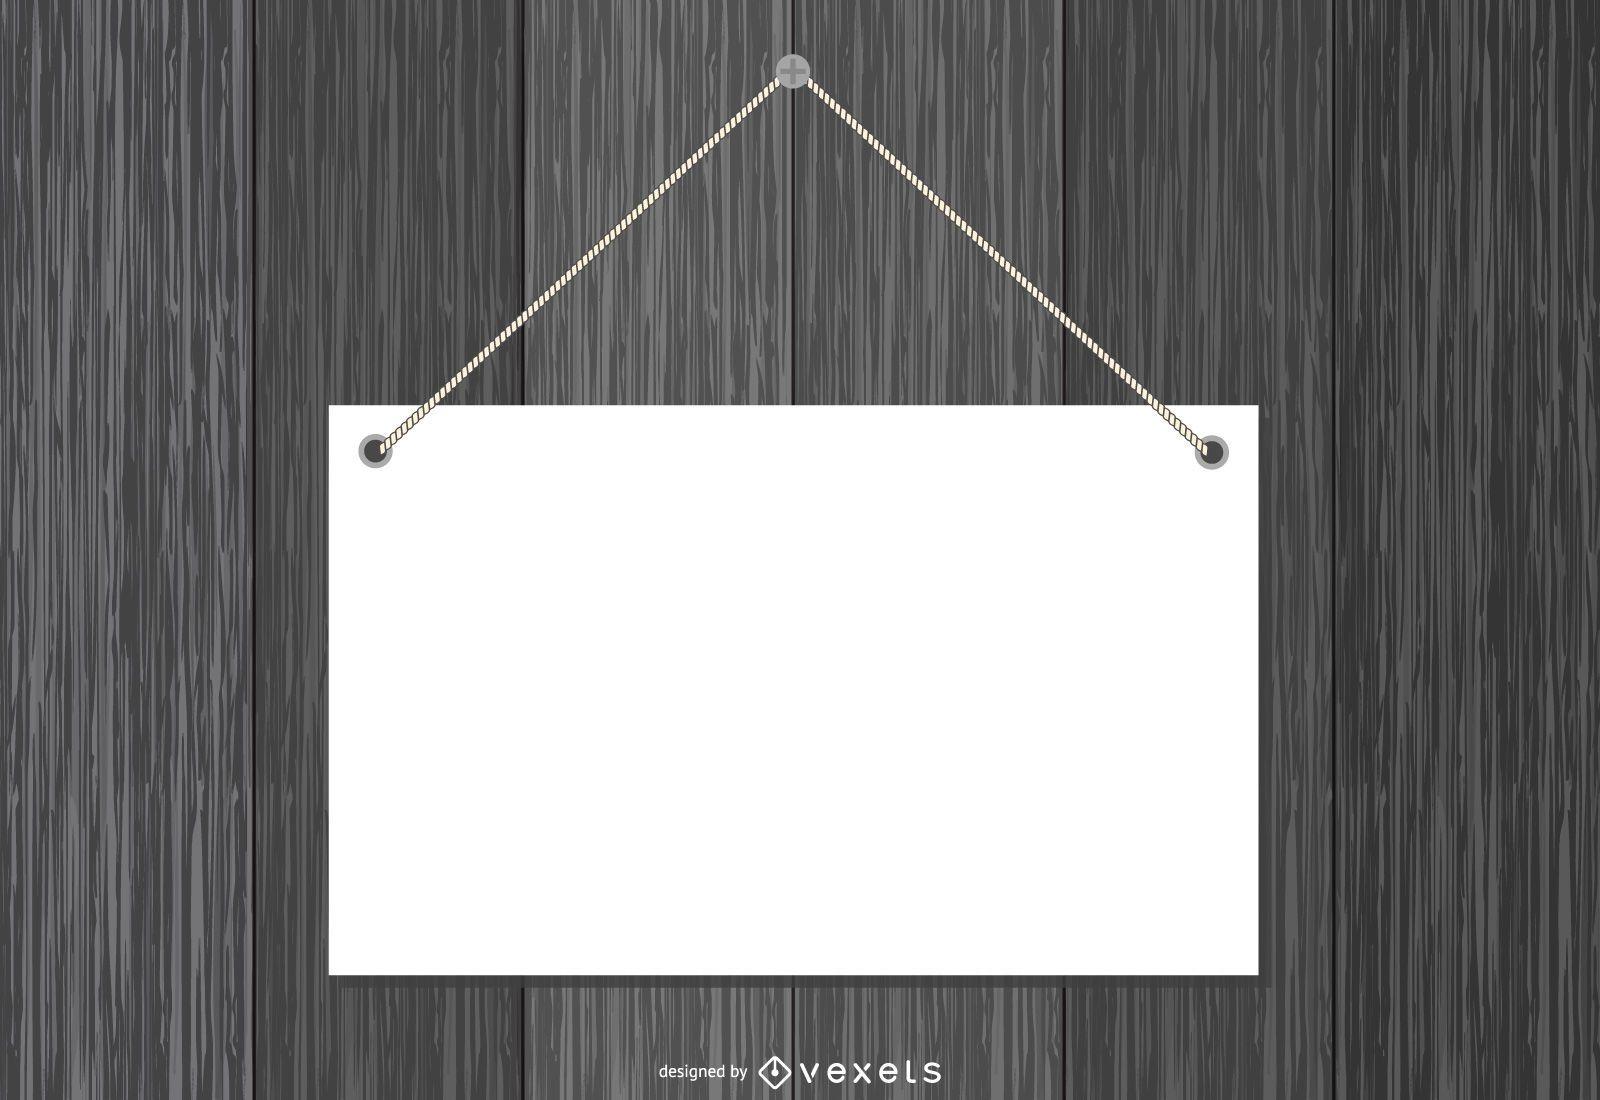 Prato de papel em branco pendurado na madeira